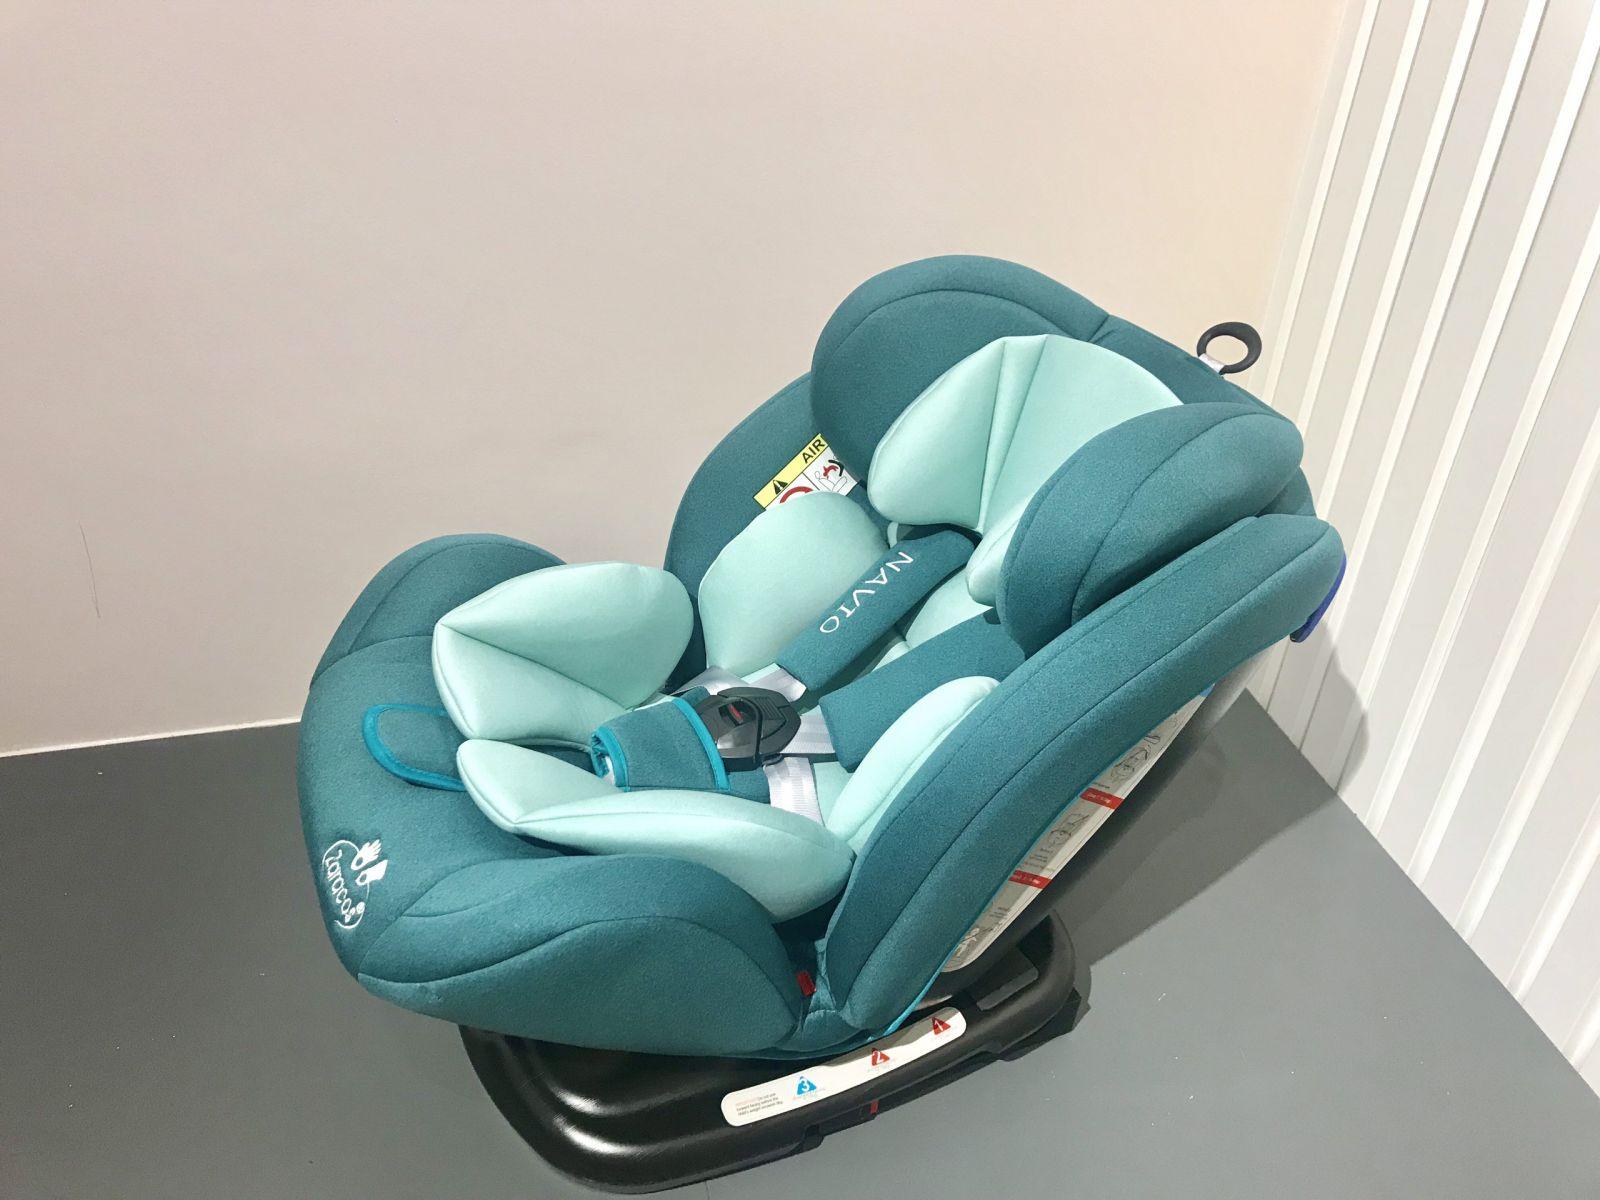 Ghế ngồi ô tô cho bé Navio isofix 5196 Xanh ngọc